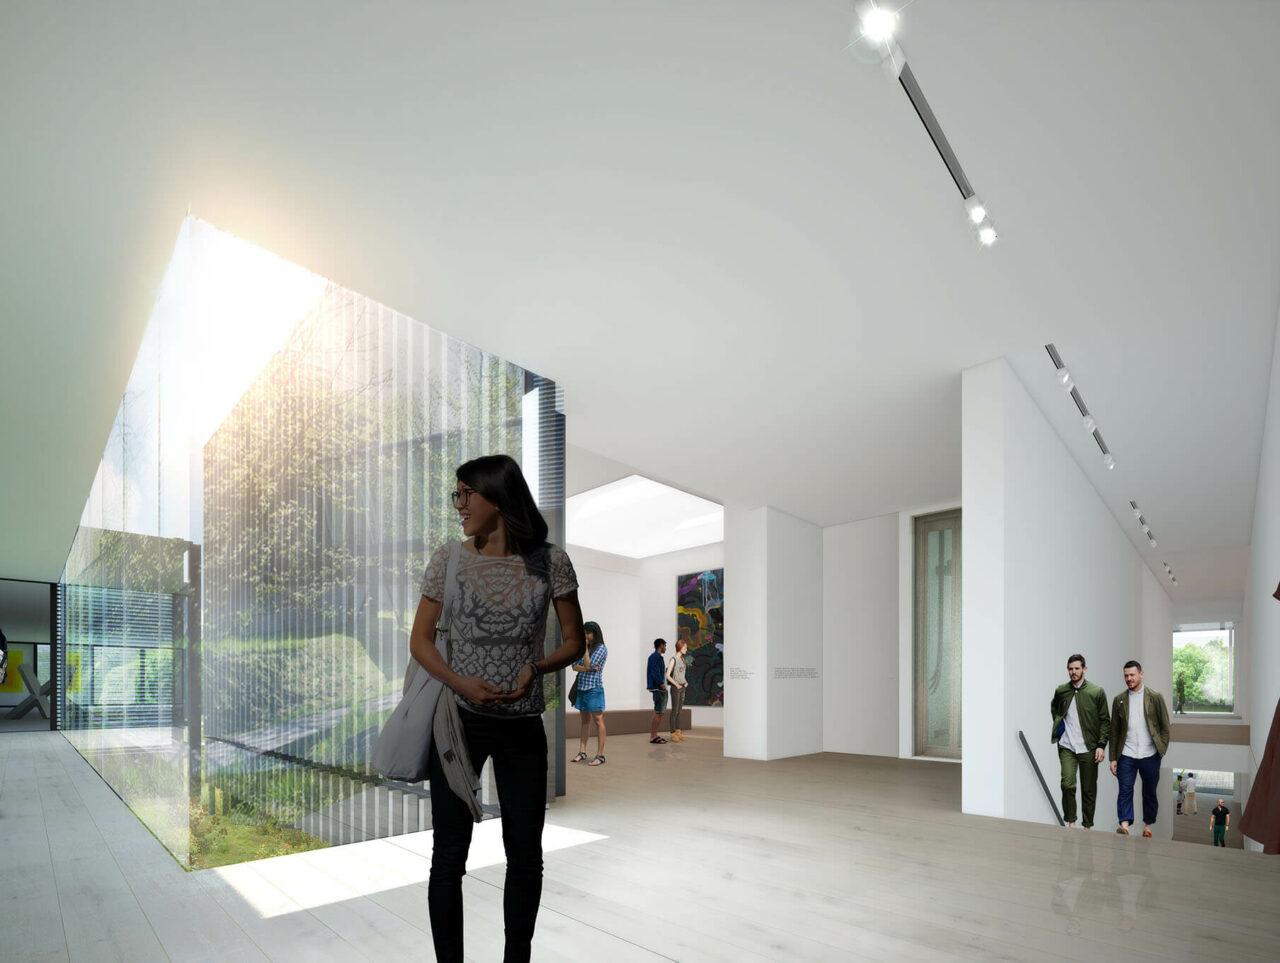 Museum Quadrat Bottrop Bestand und Neubau Museumserweiterung Innenperspektive Visualisierung